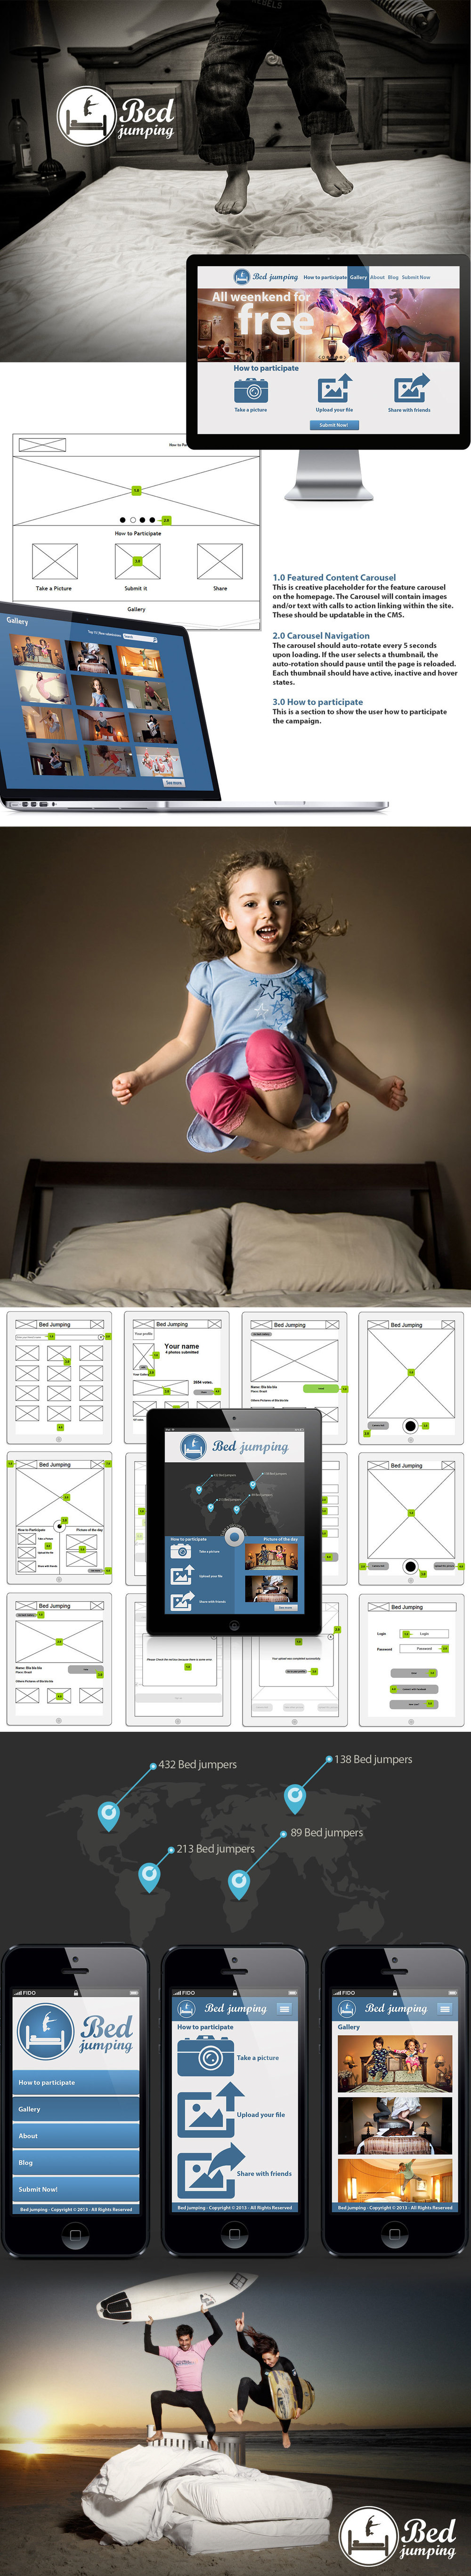 BedJumping_webpage.jpg